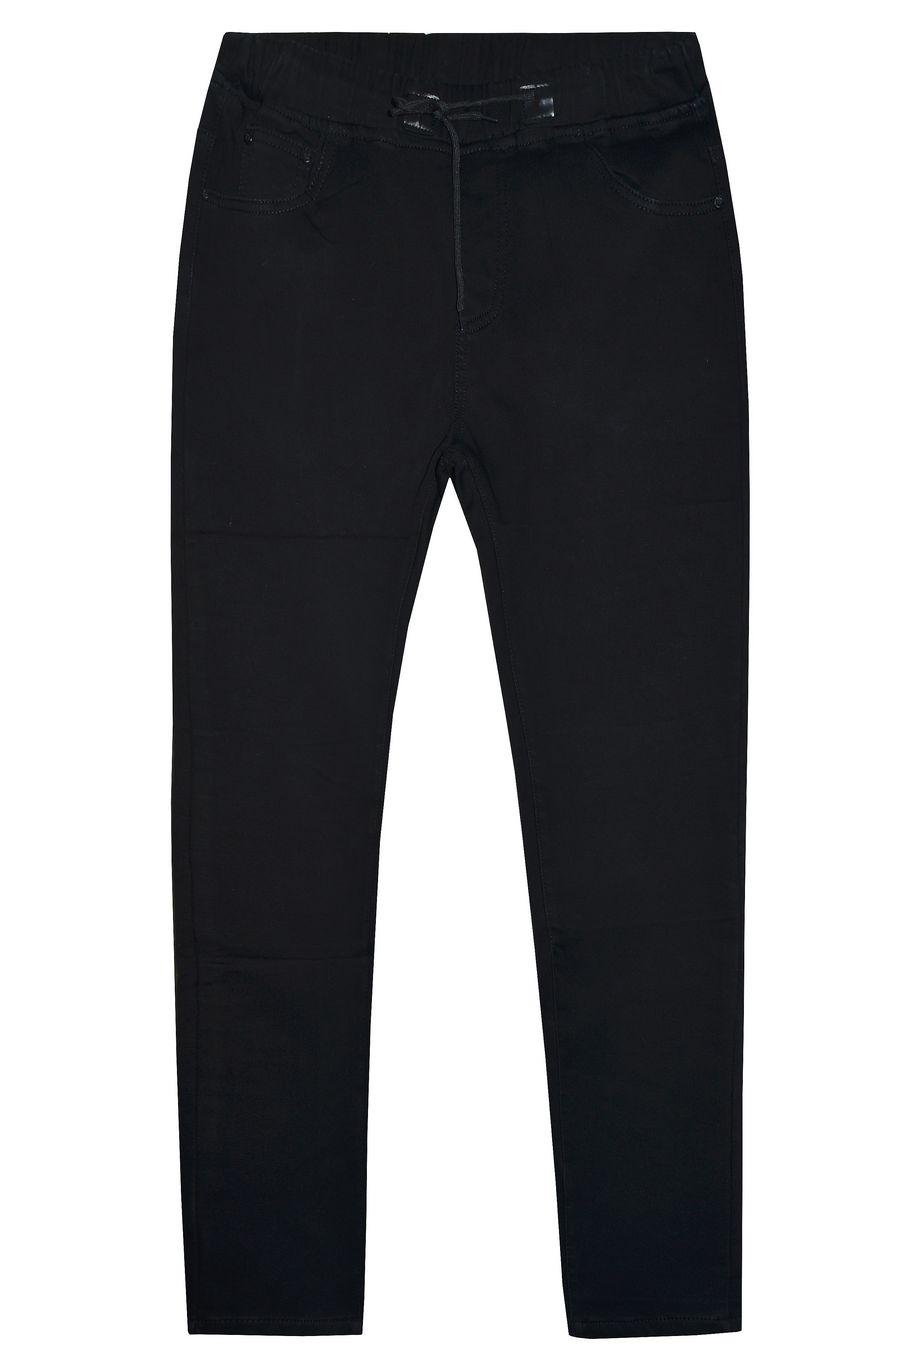 Джинсы женские K.Y Jeans F2239 утепленные - фото 1